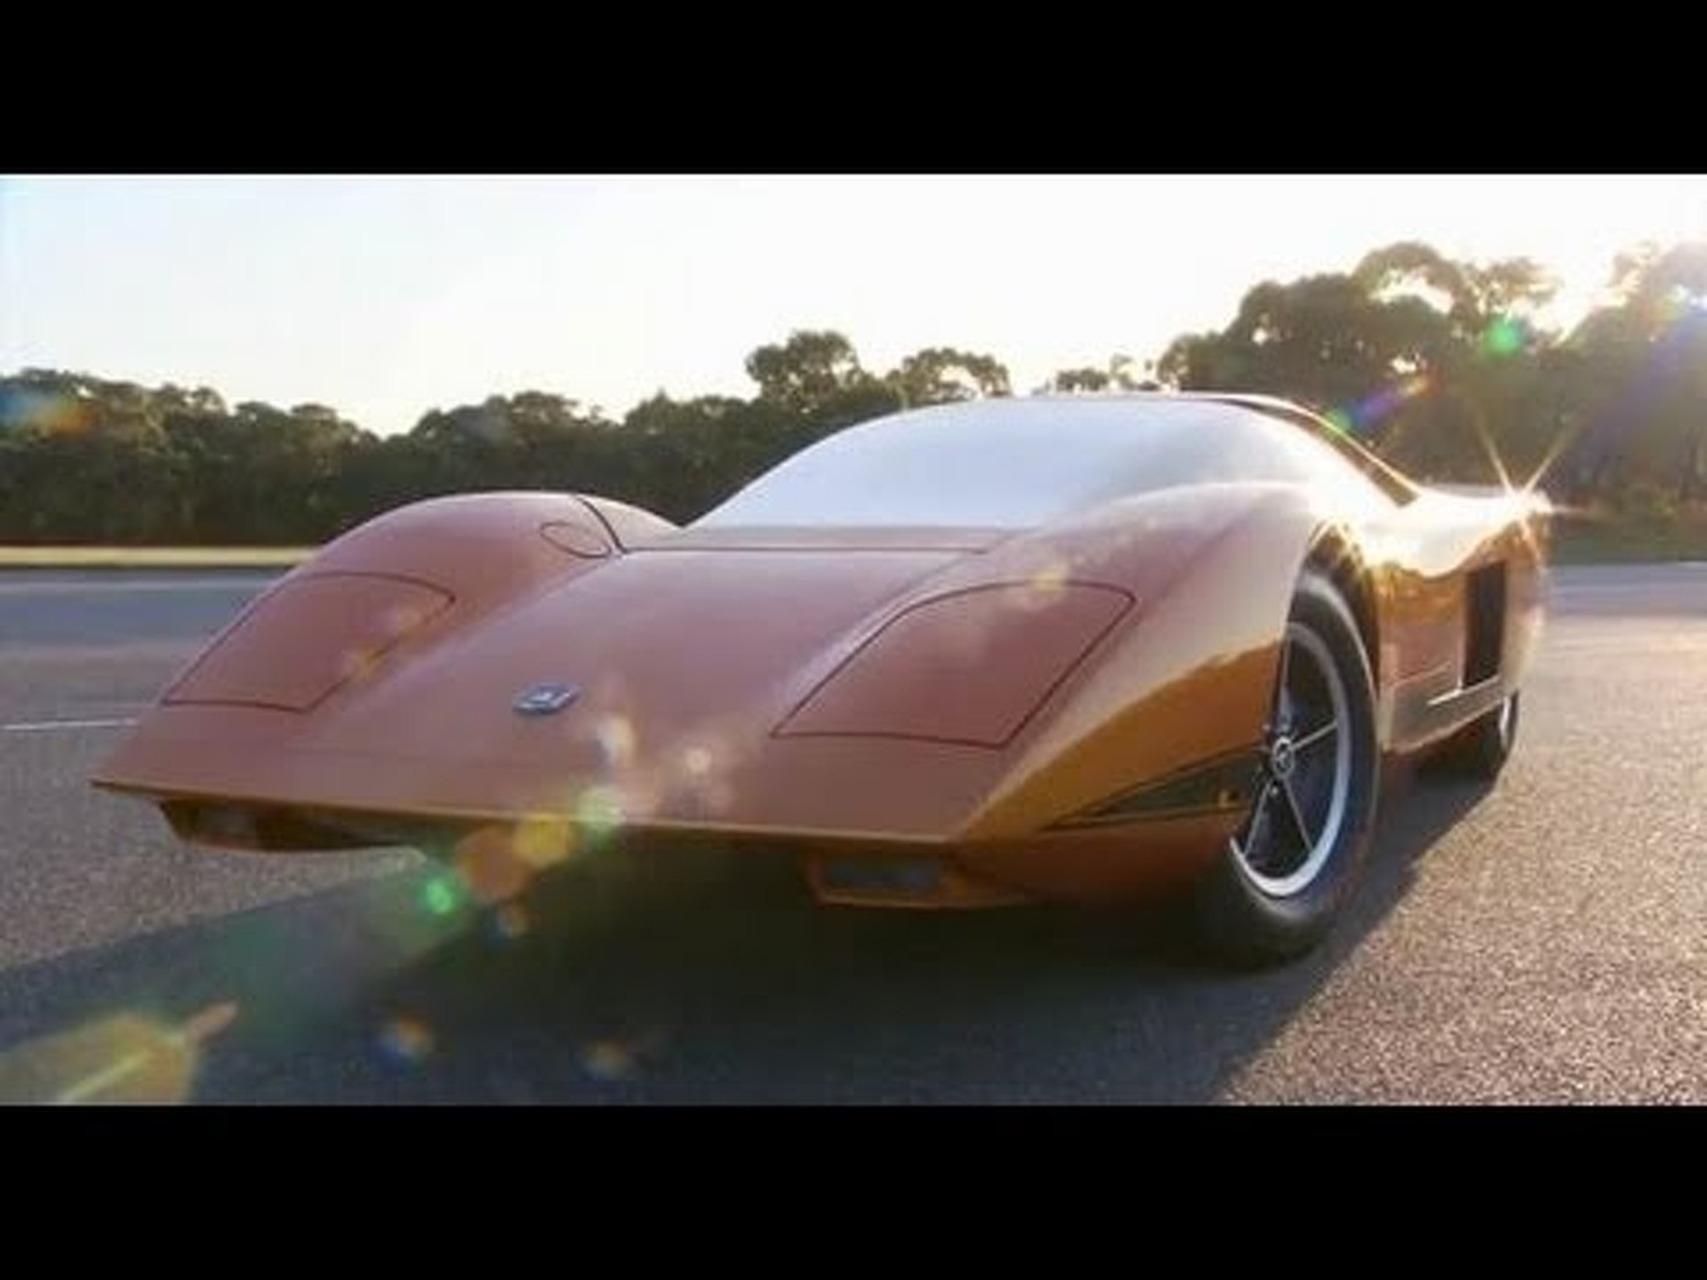 1969 Holden Hurricane concept car - restored 2011